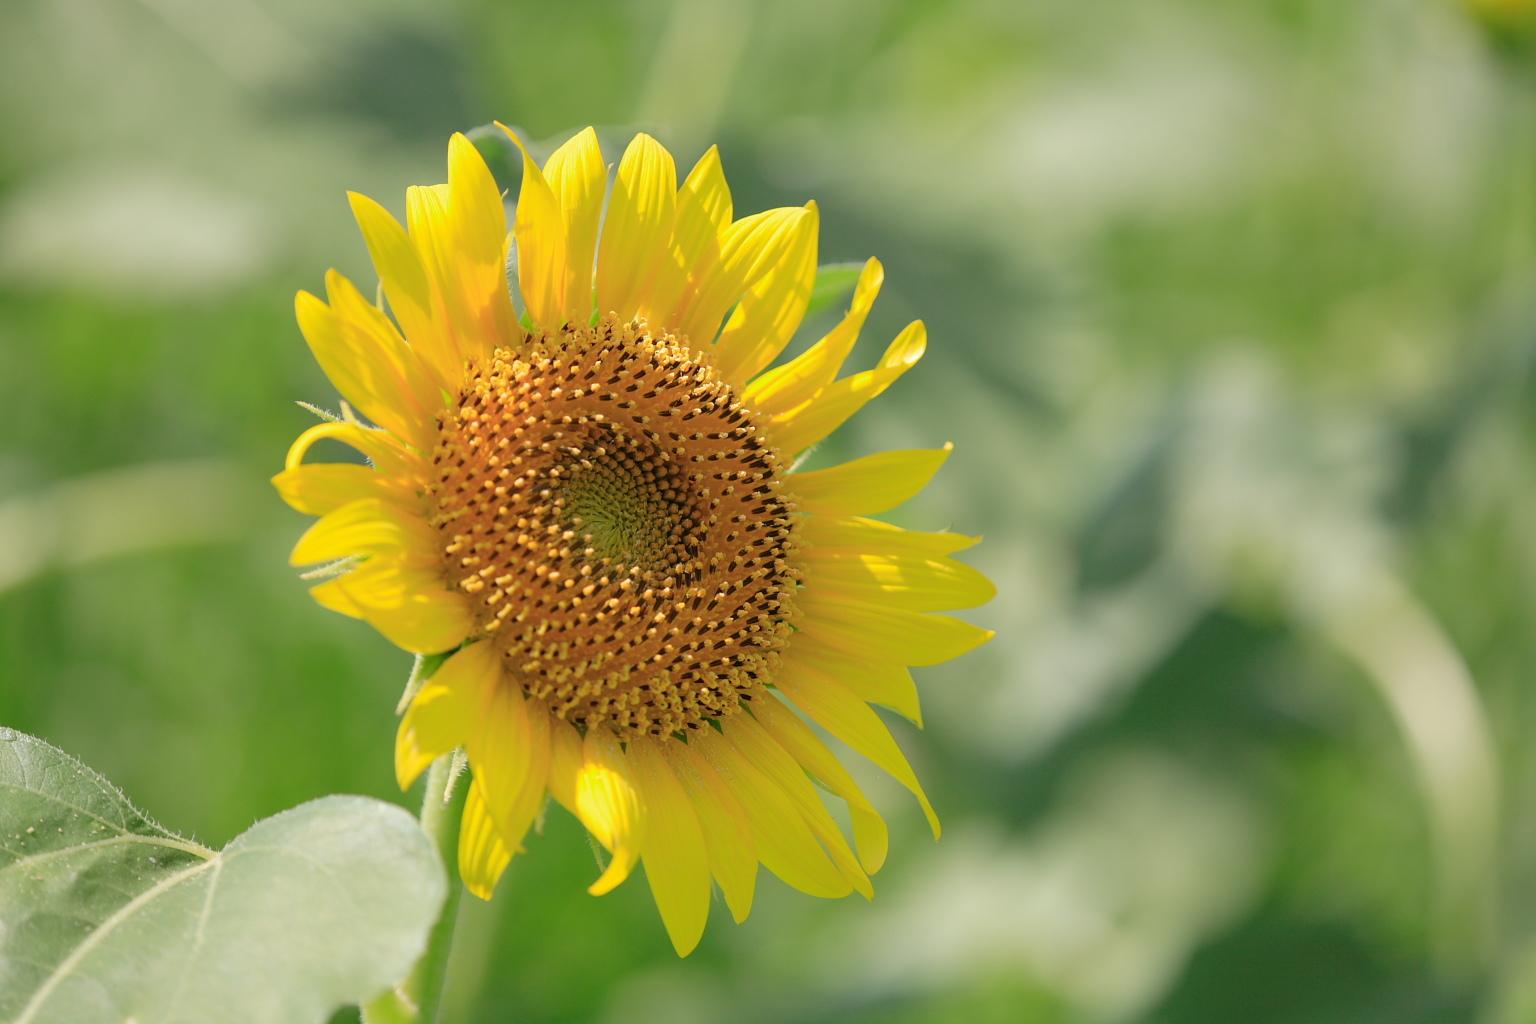 sunflower_63.jpg